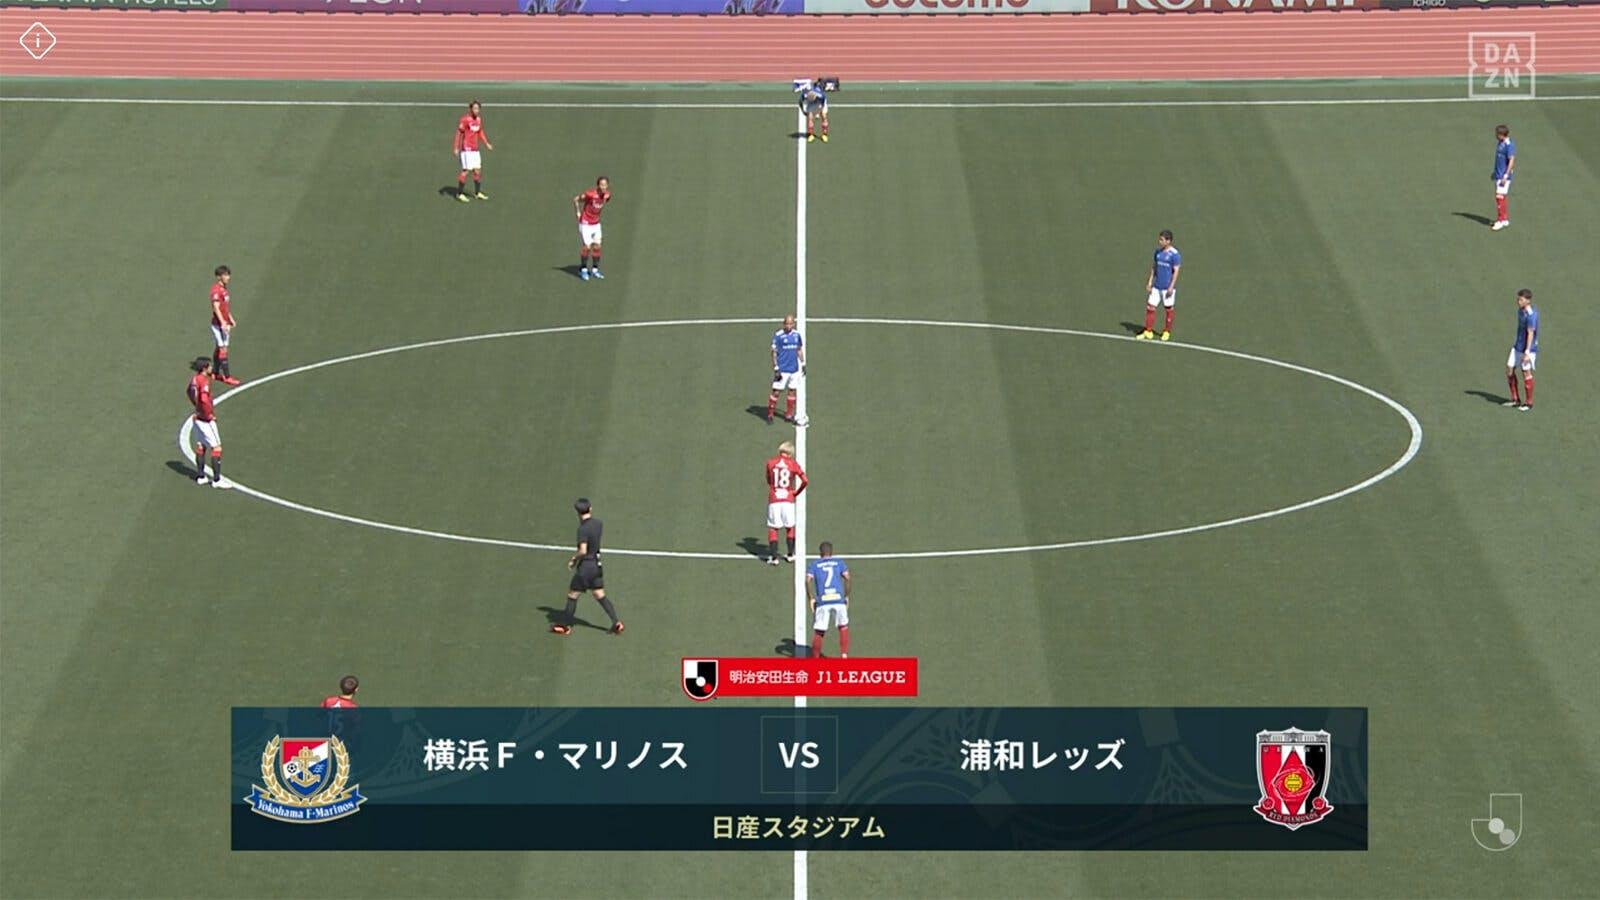 2021 Jリーグ 第4節 日産スタジアム アウェー 横浜F・マリノス戦